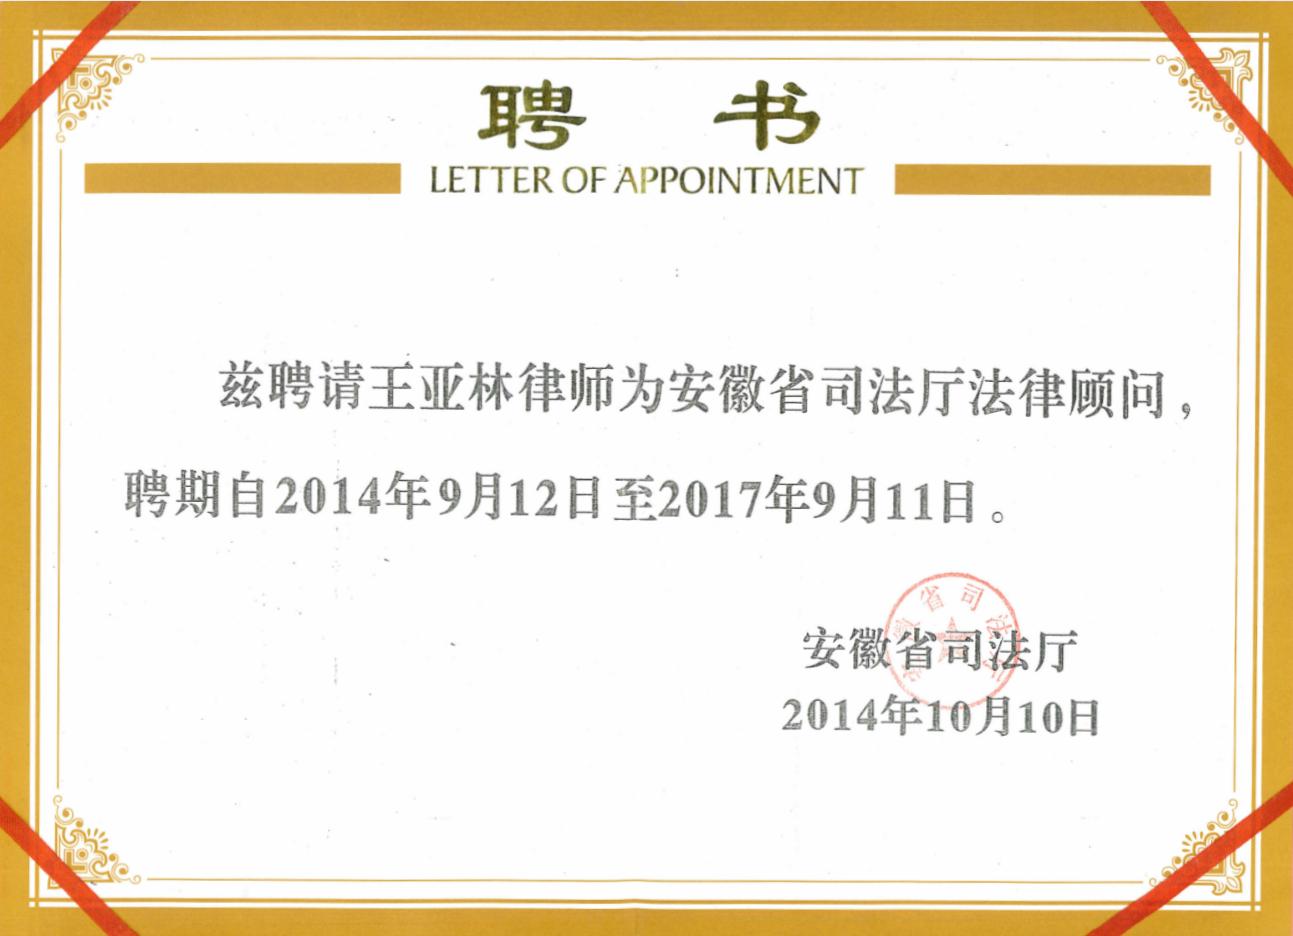 安徽省司法厅法律顾问聘书